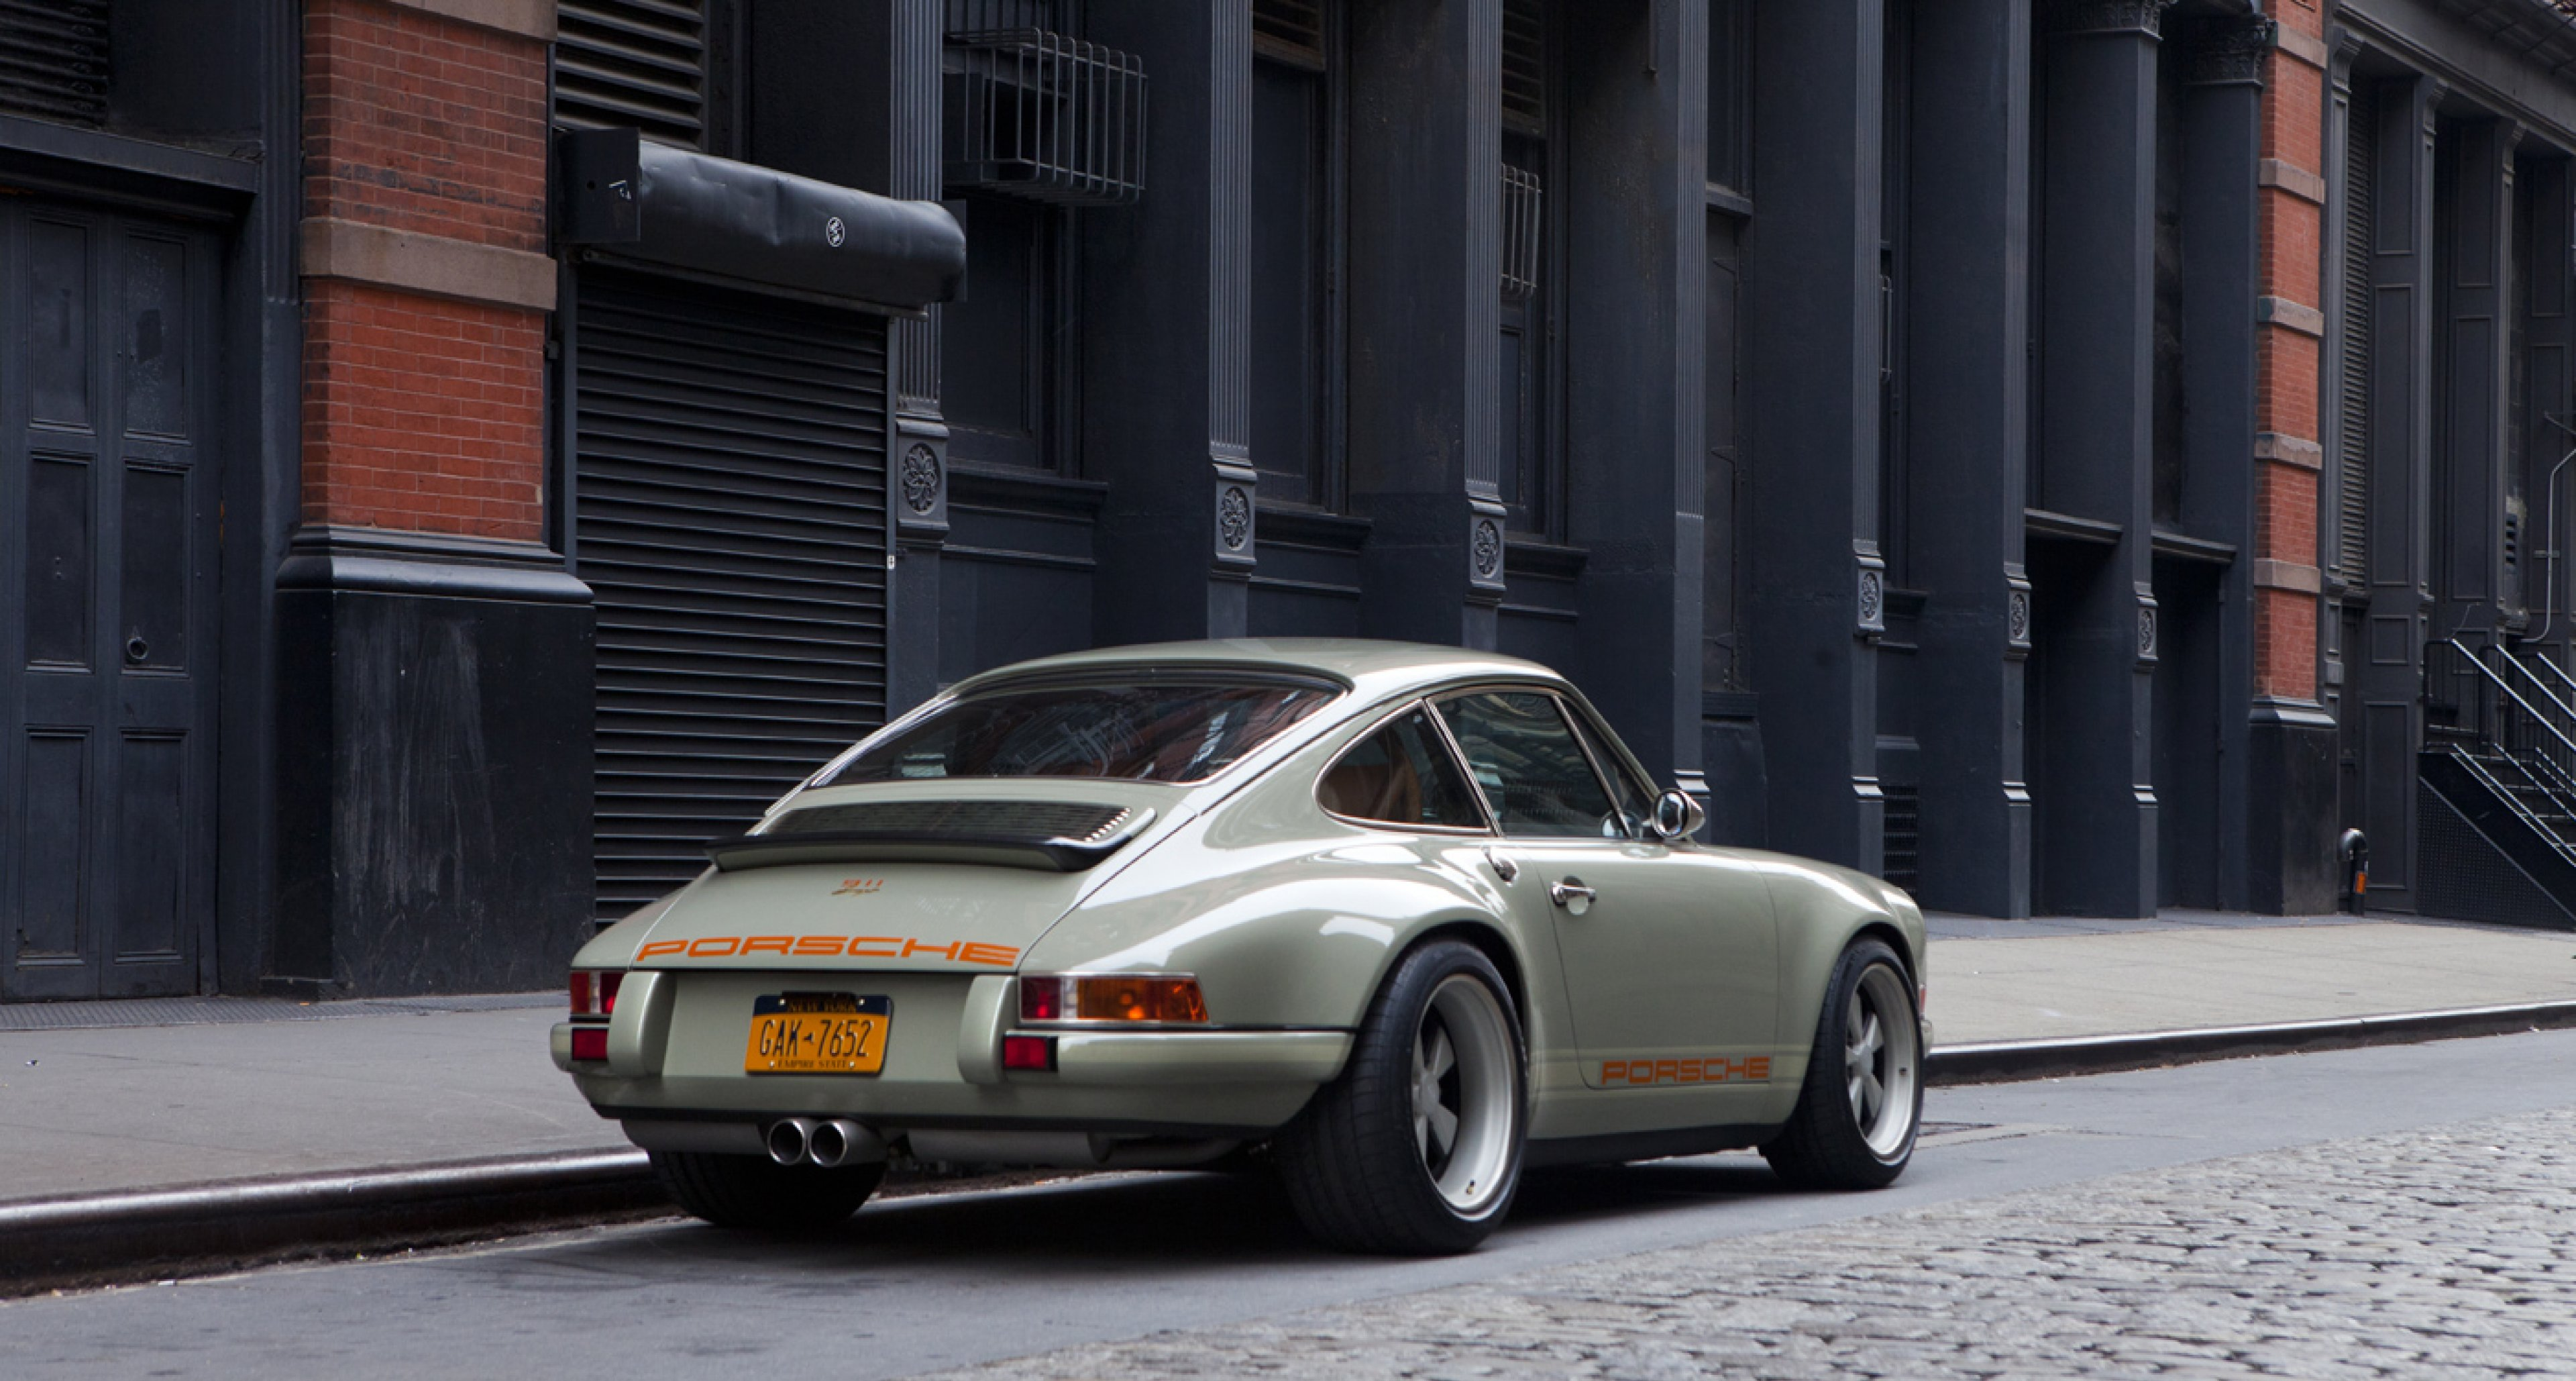 Singer Porsche 911 New York